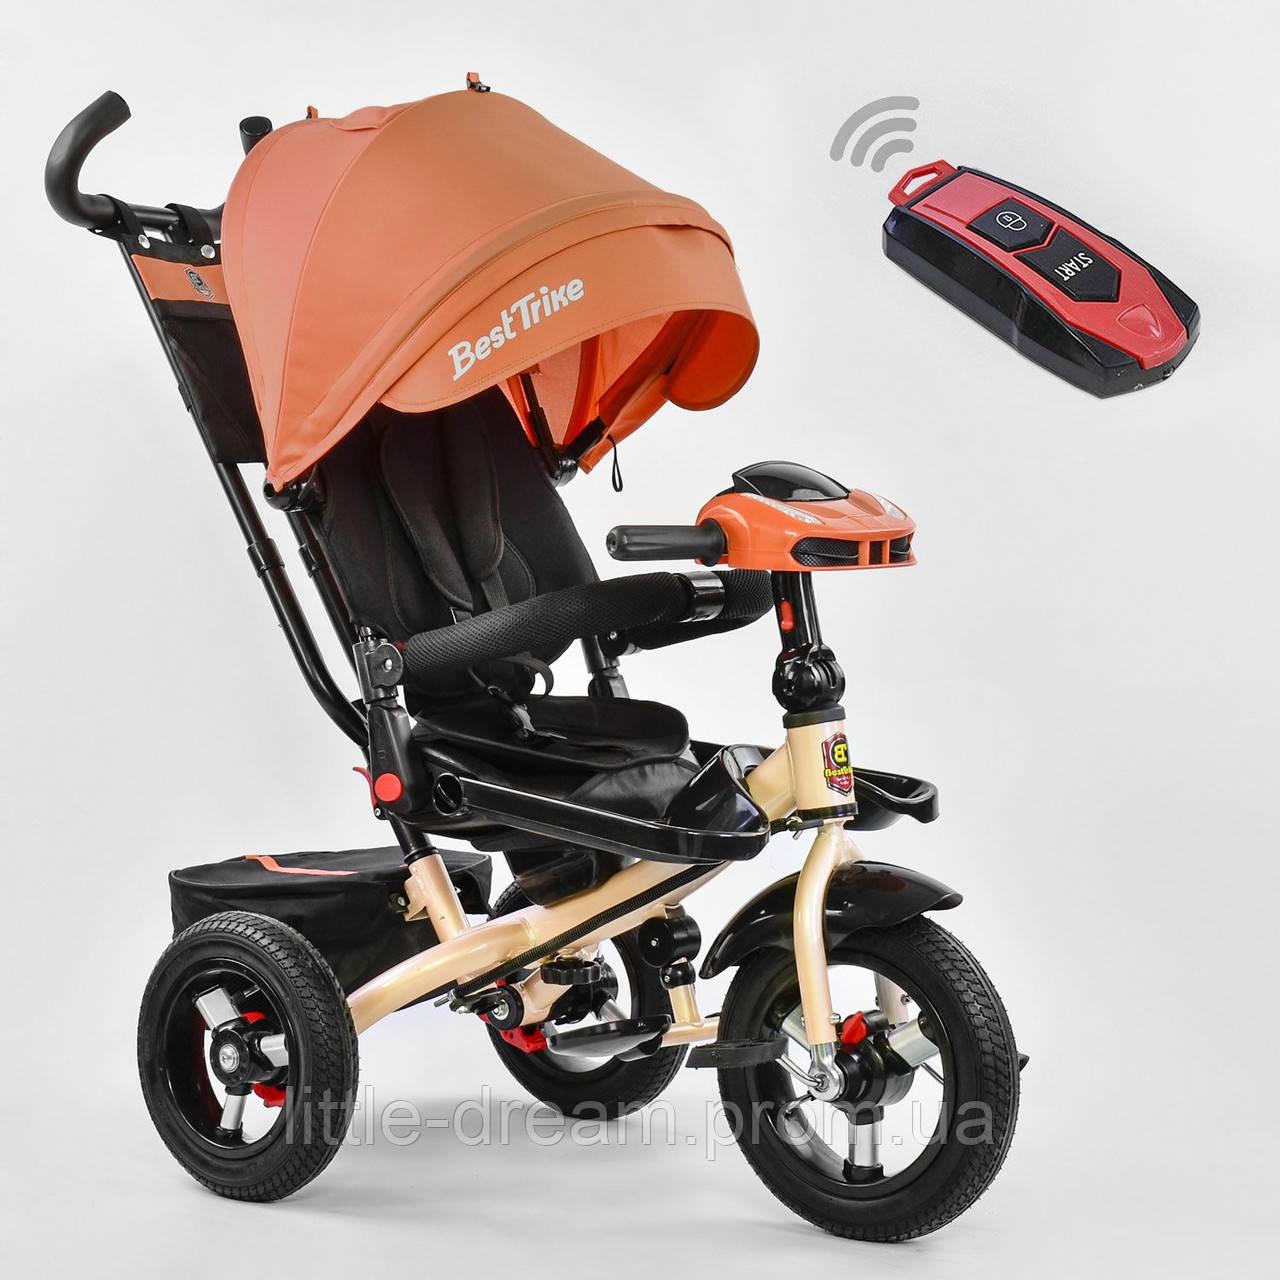 Велосипед Best Trike 6088 F – 2230 поворотное сиденье, надувные колеса, с пультом